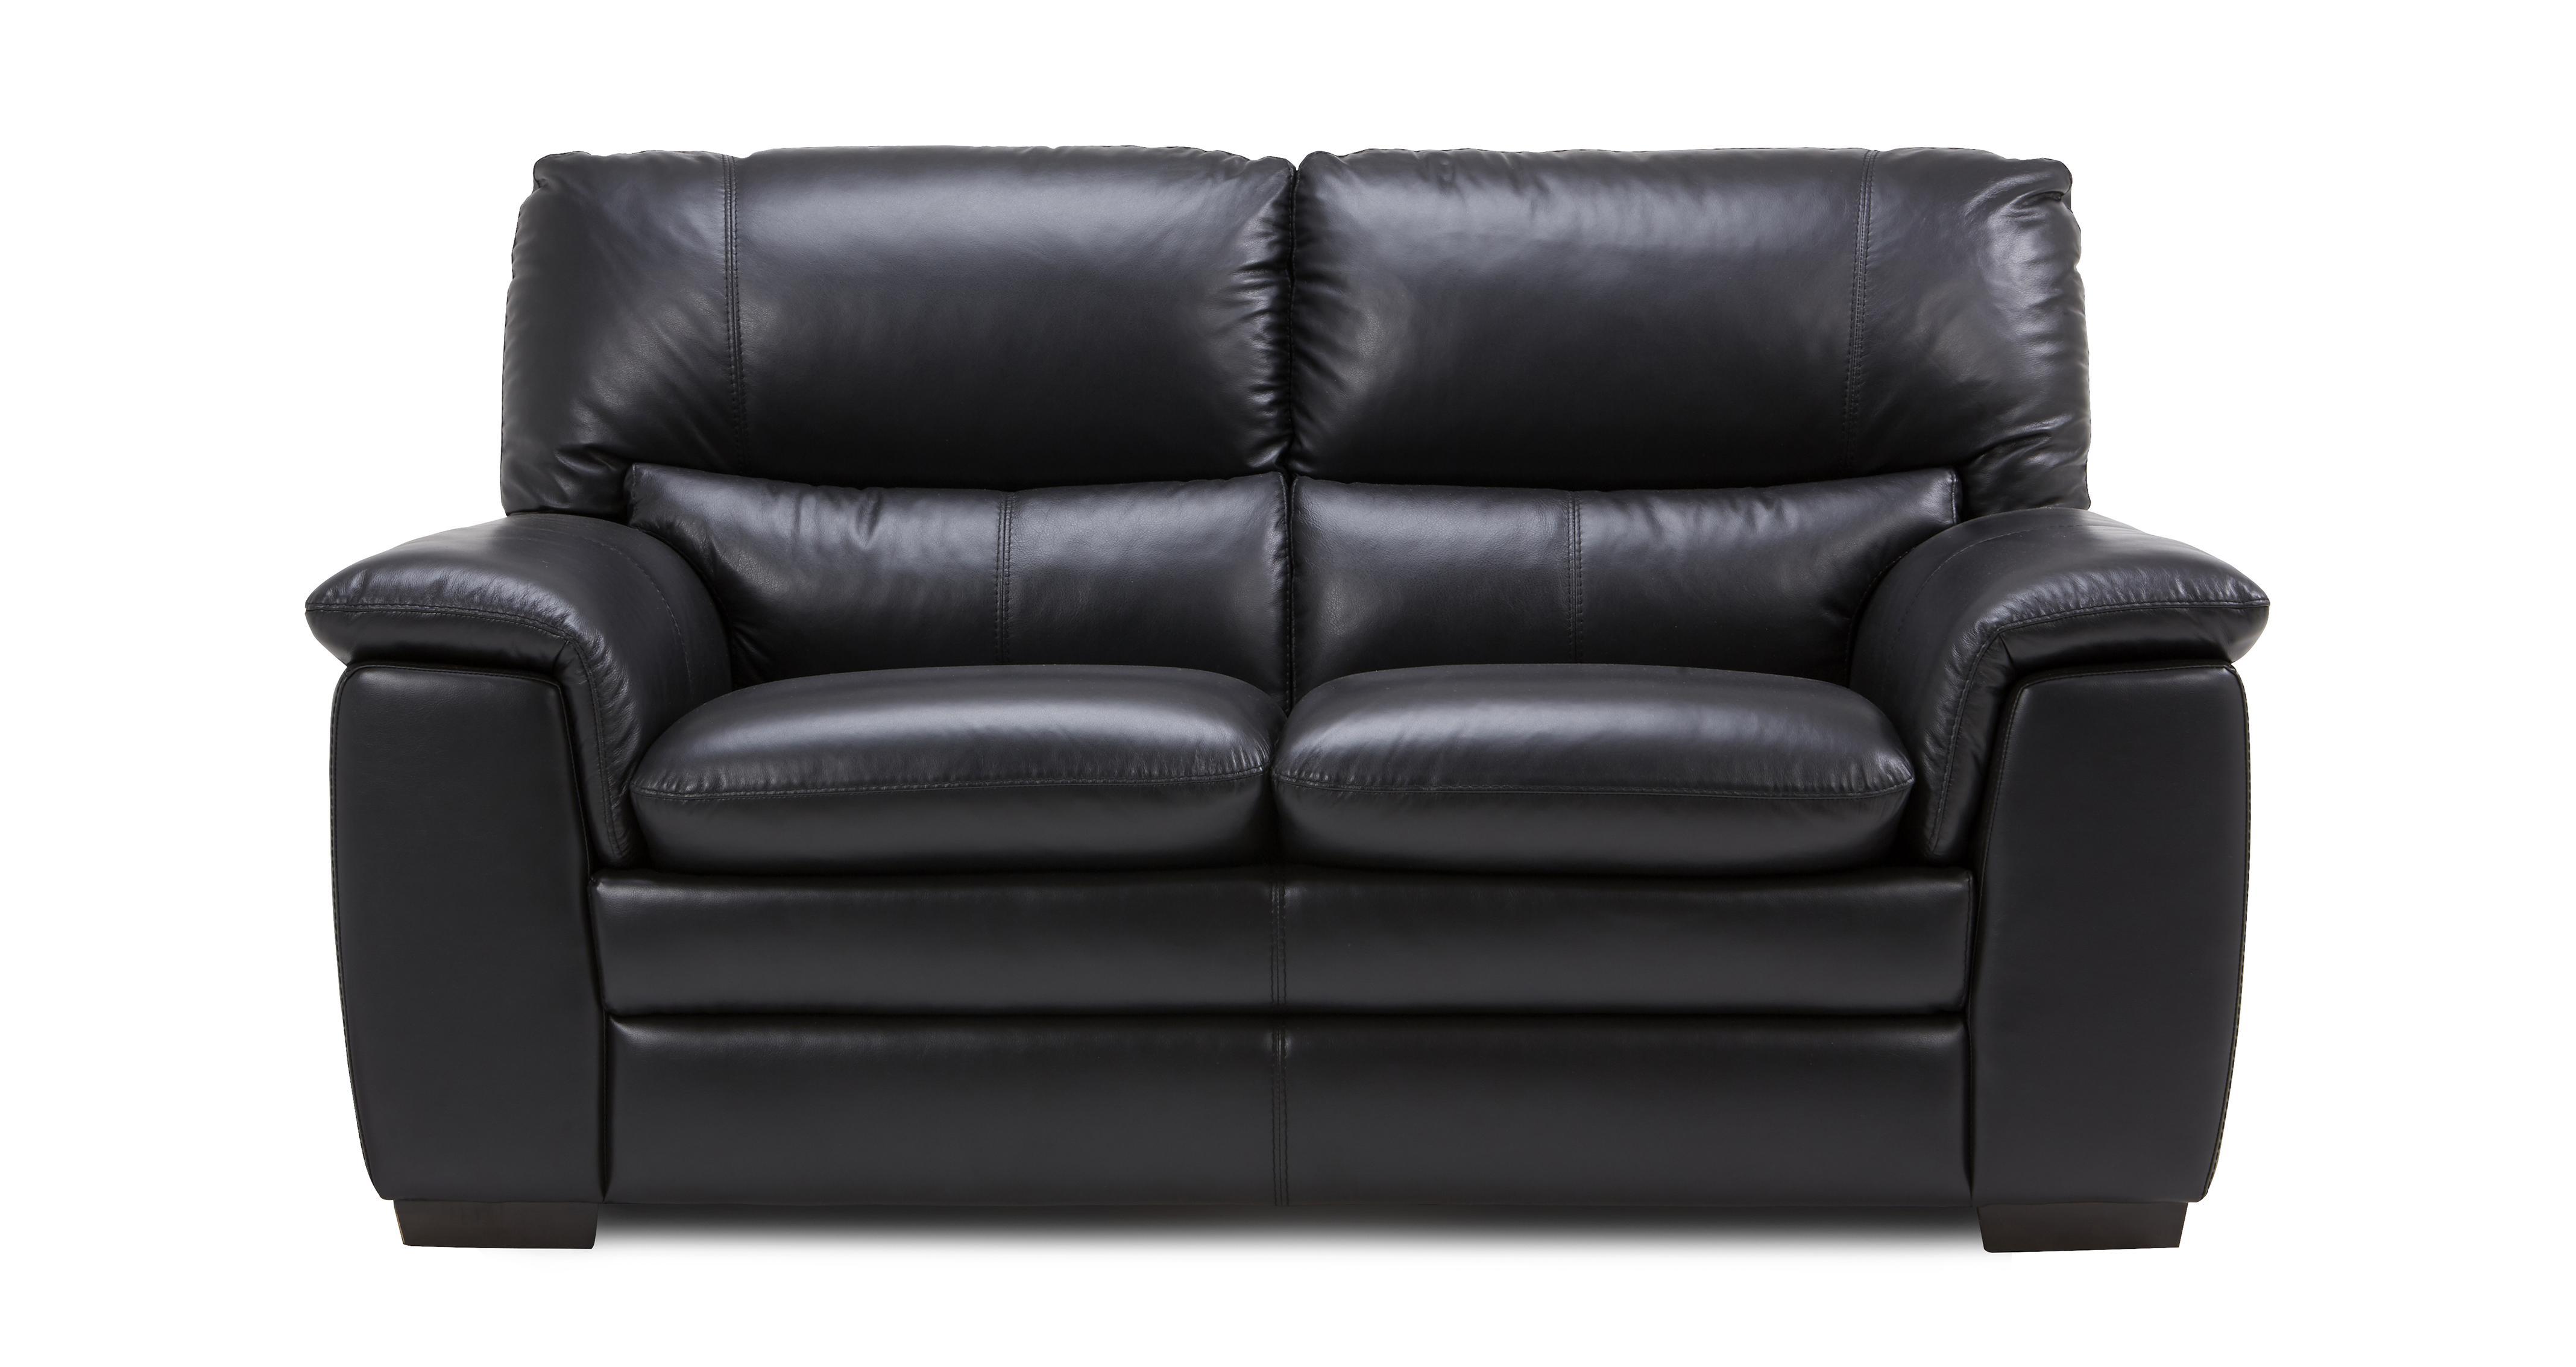 Neron 2 Seater Sofa Premium DFS